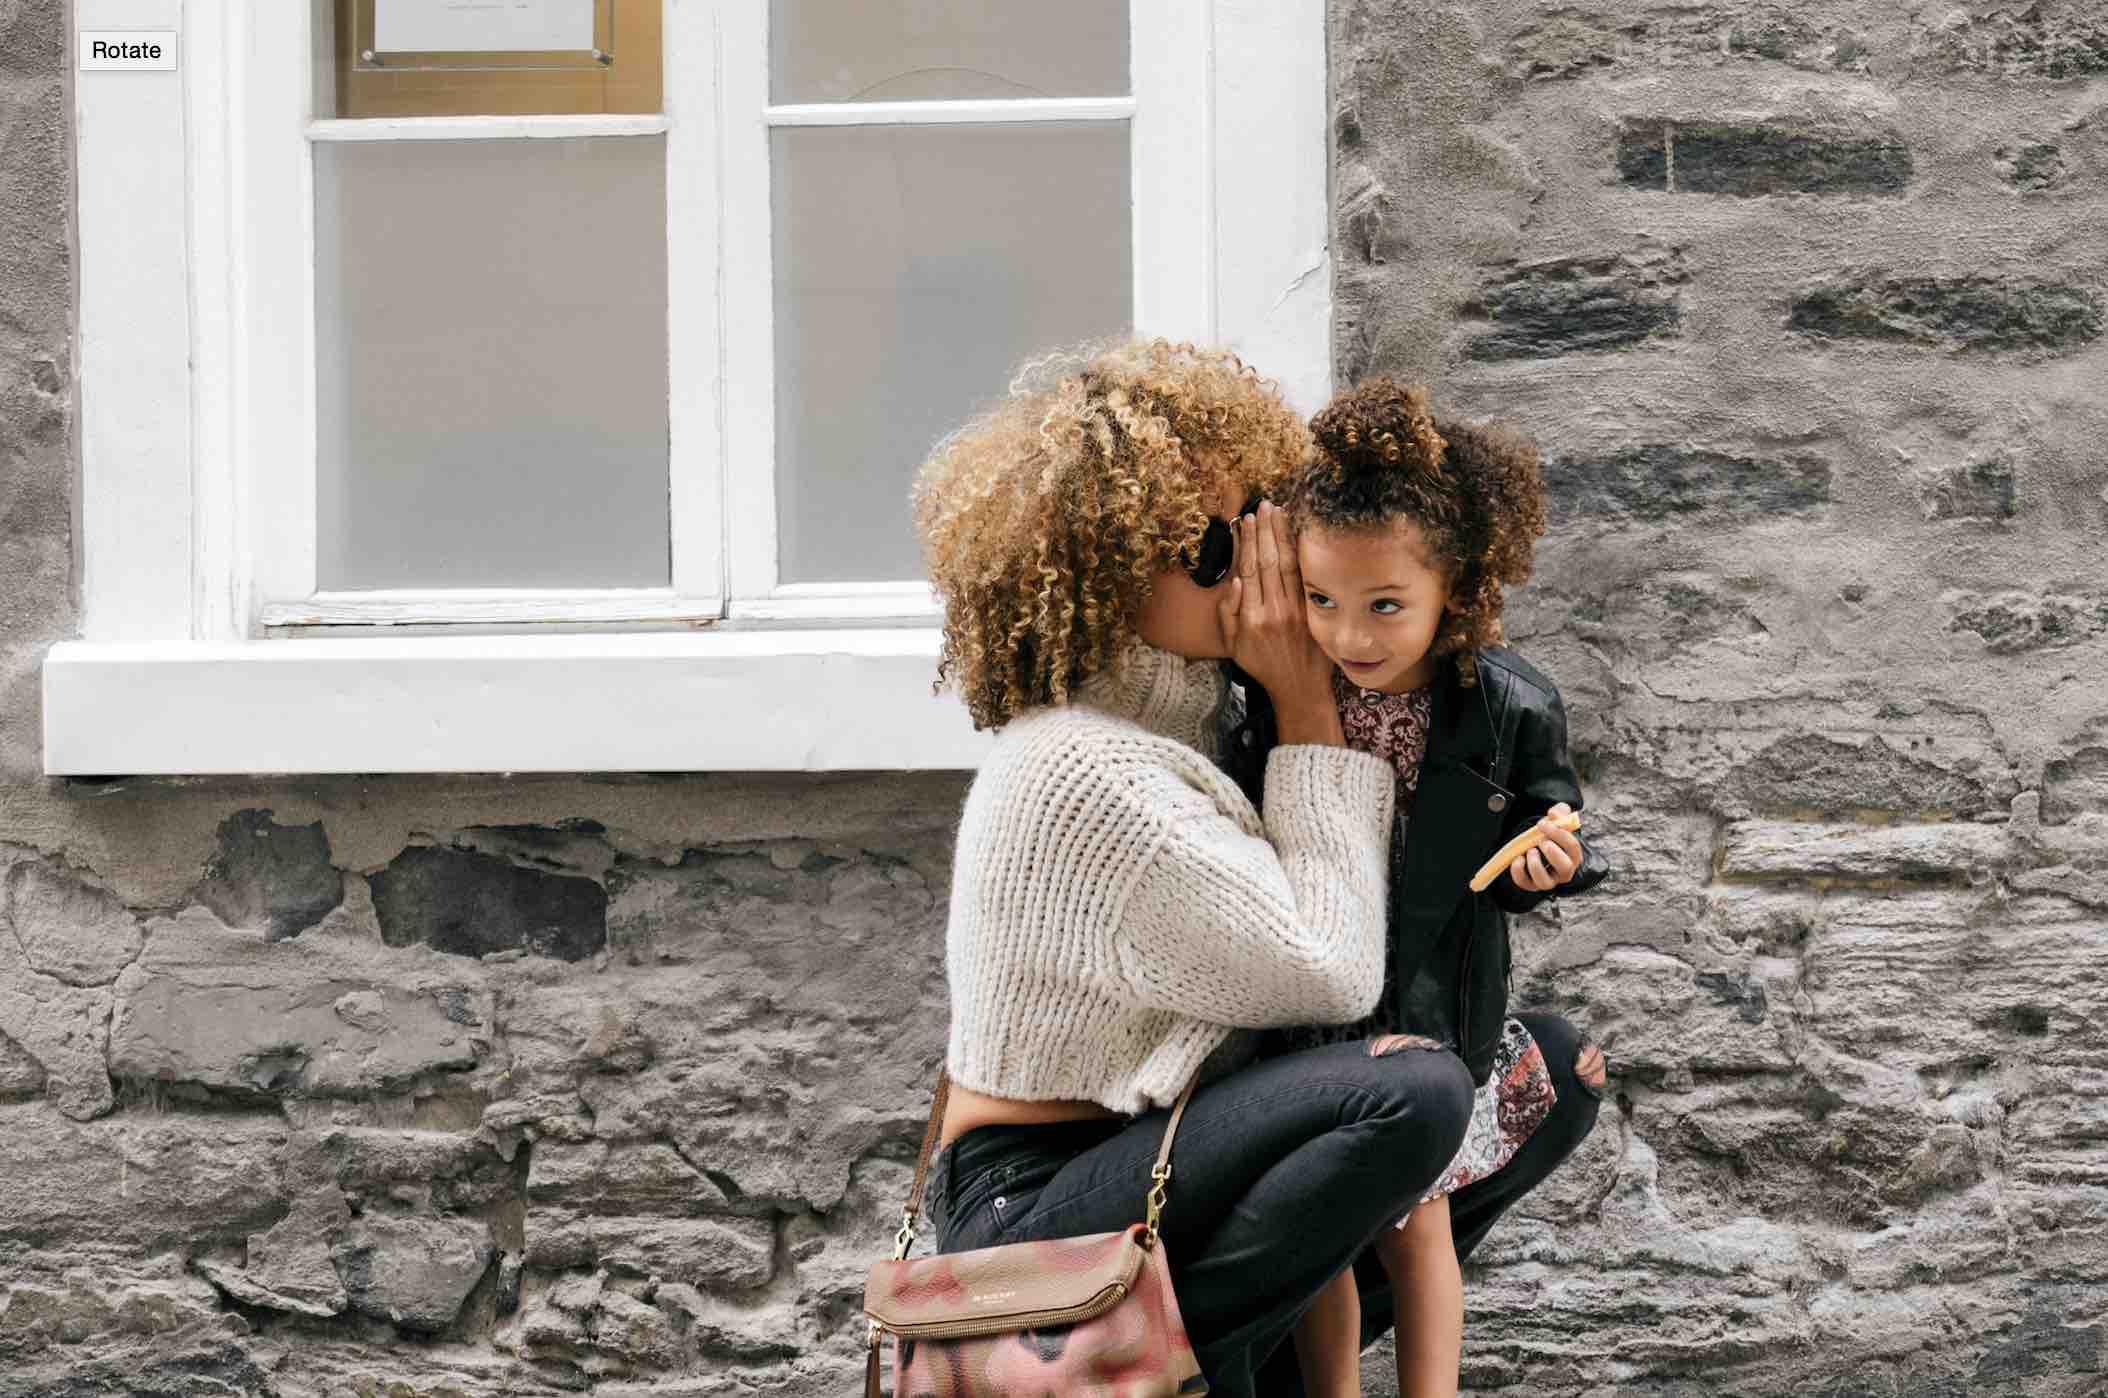 Por qué debes tener cuidado con las conversaciones adultas enfrente de tus hijos